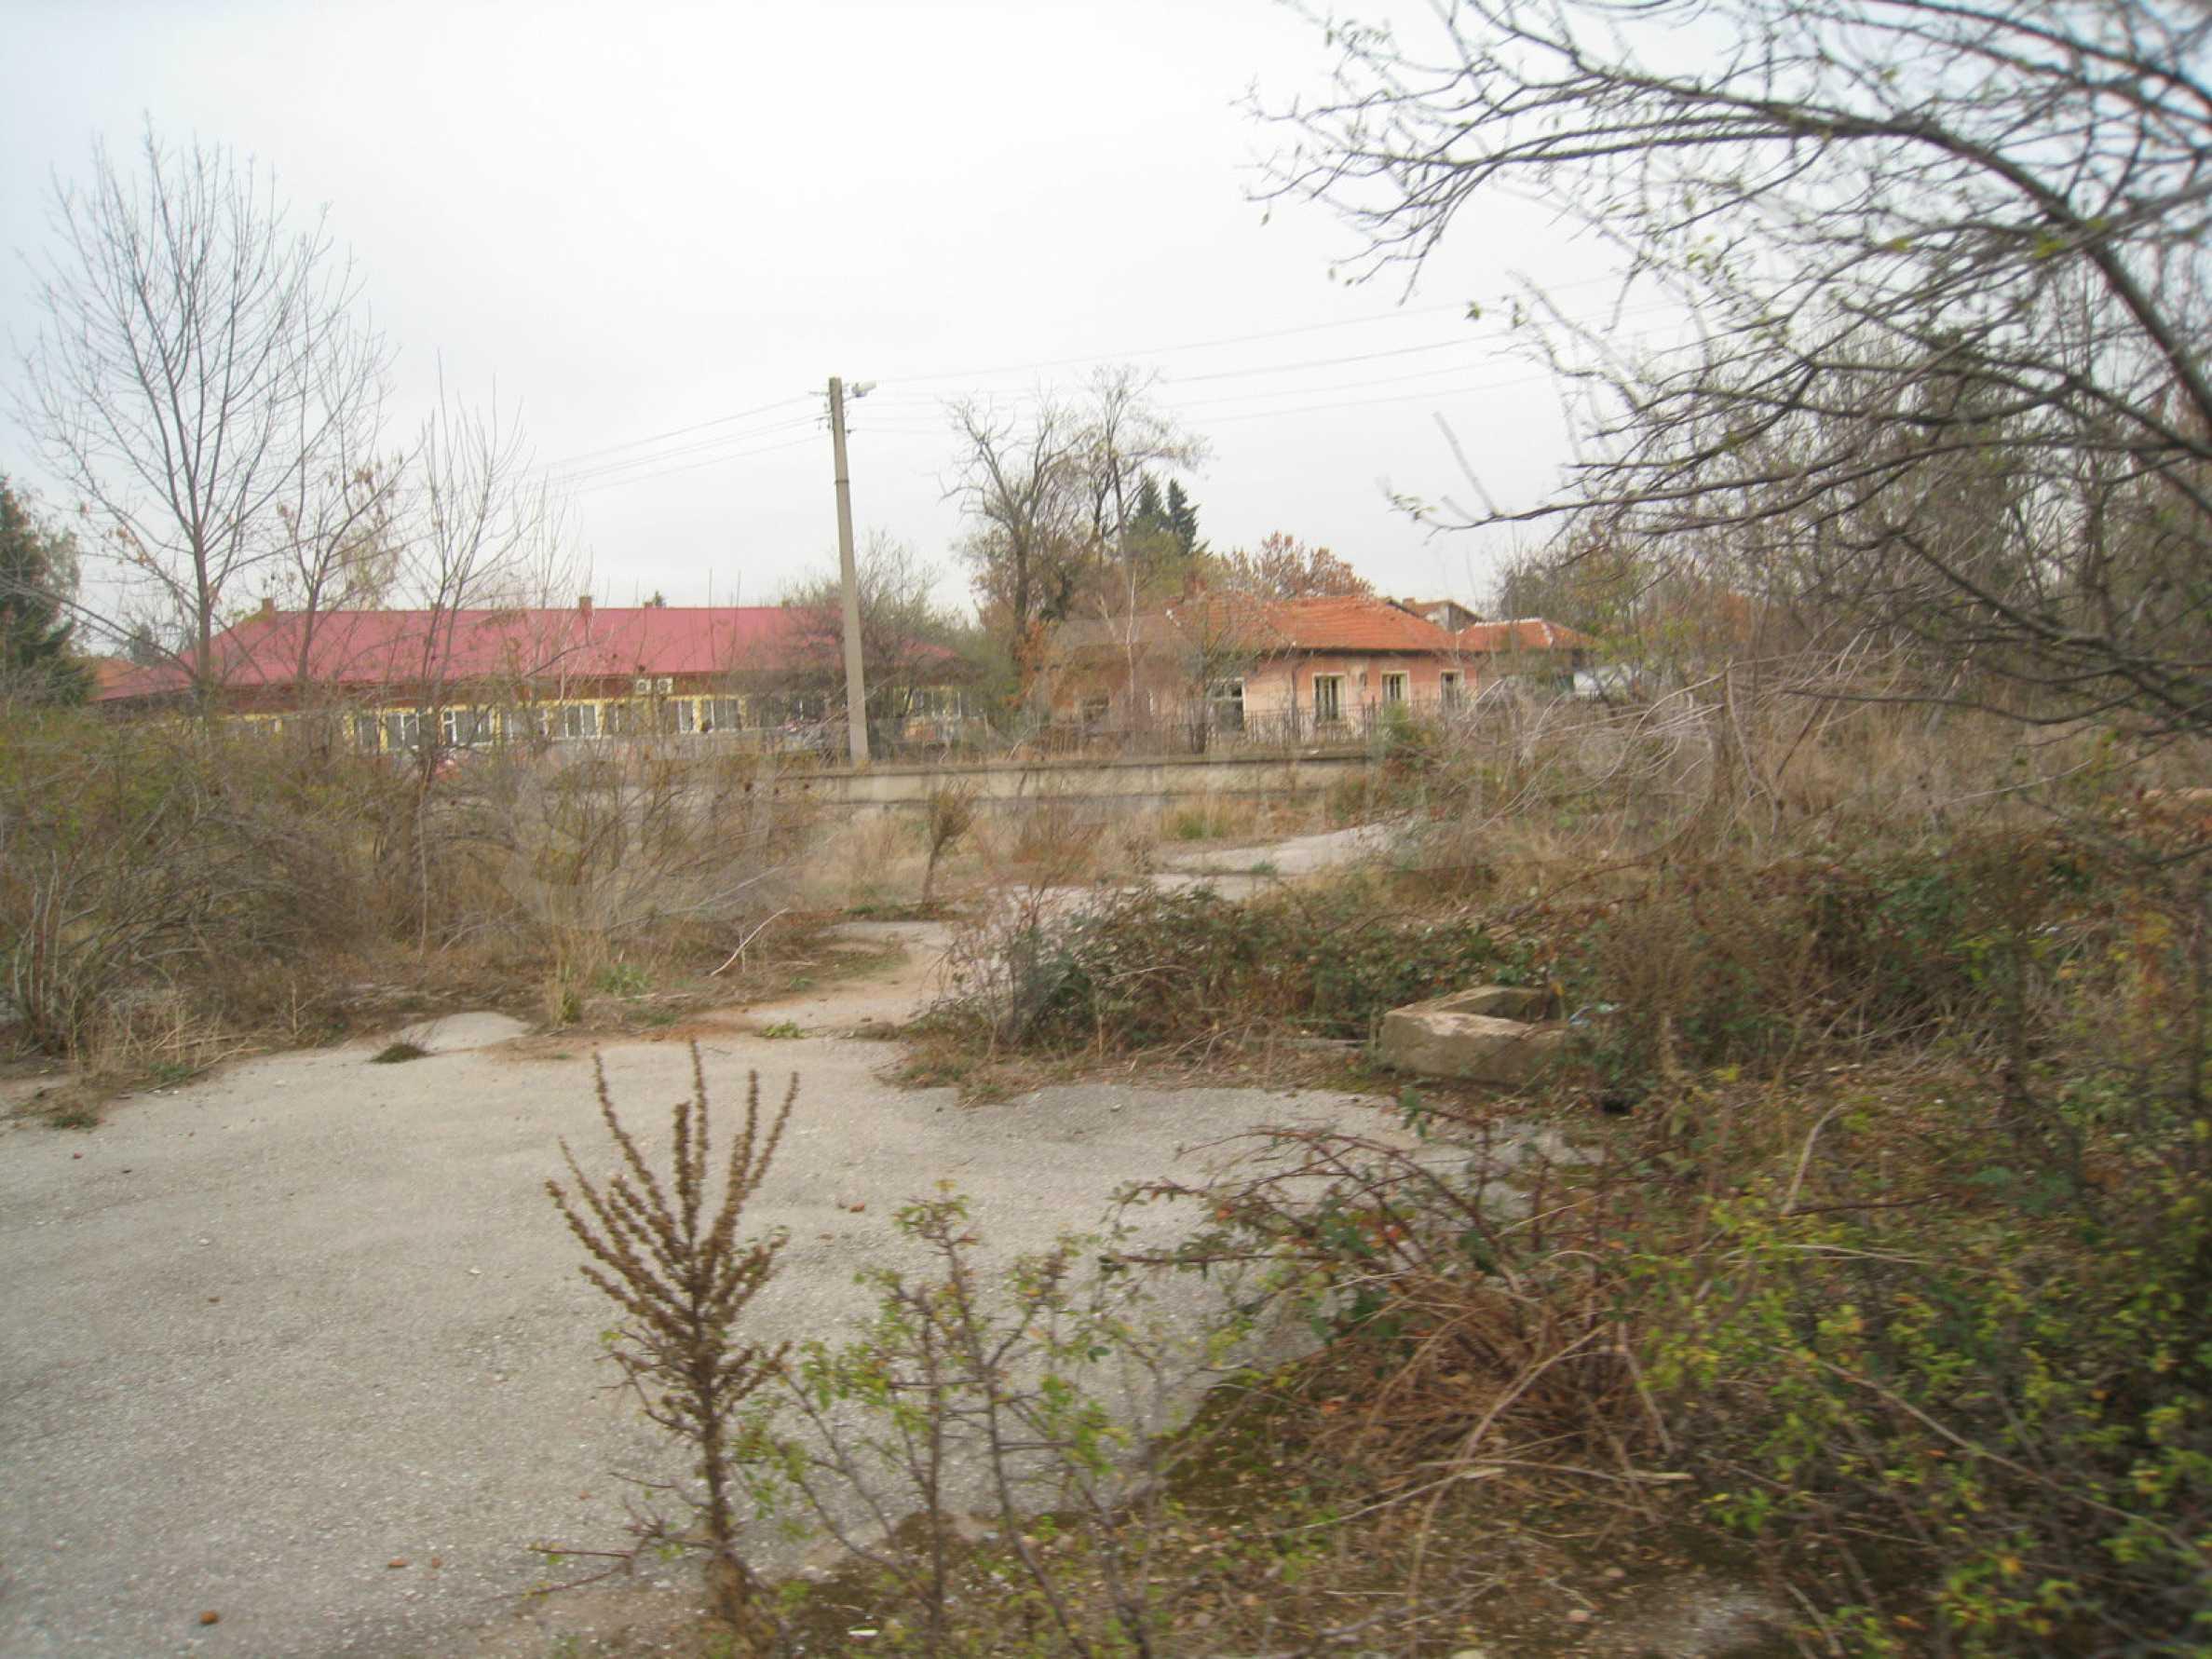 Solides dreistöckiges Gebäude (ehemalige Mühle) mit Hof in der Nähe von Elin Pelin 28